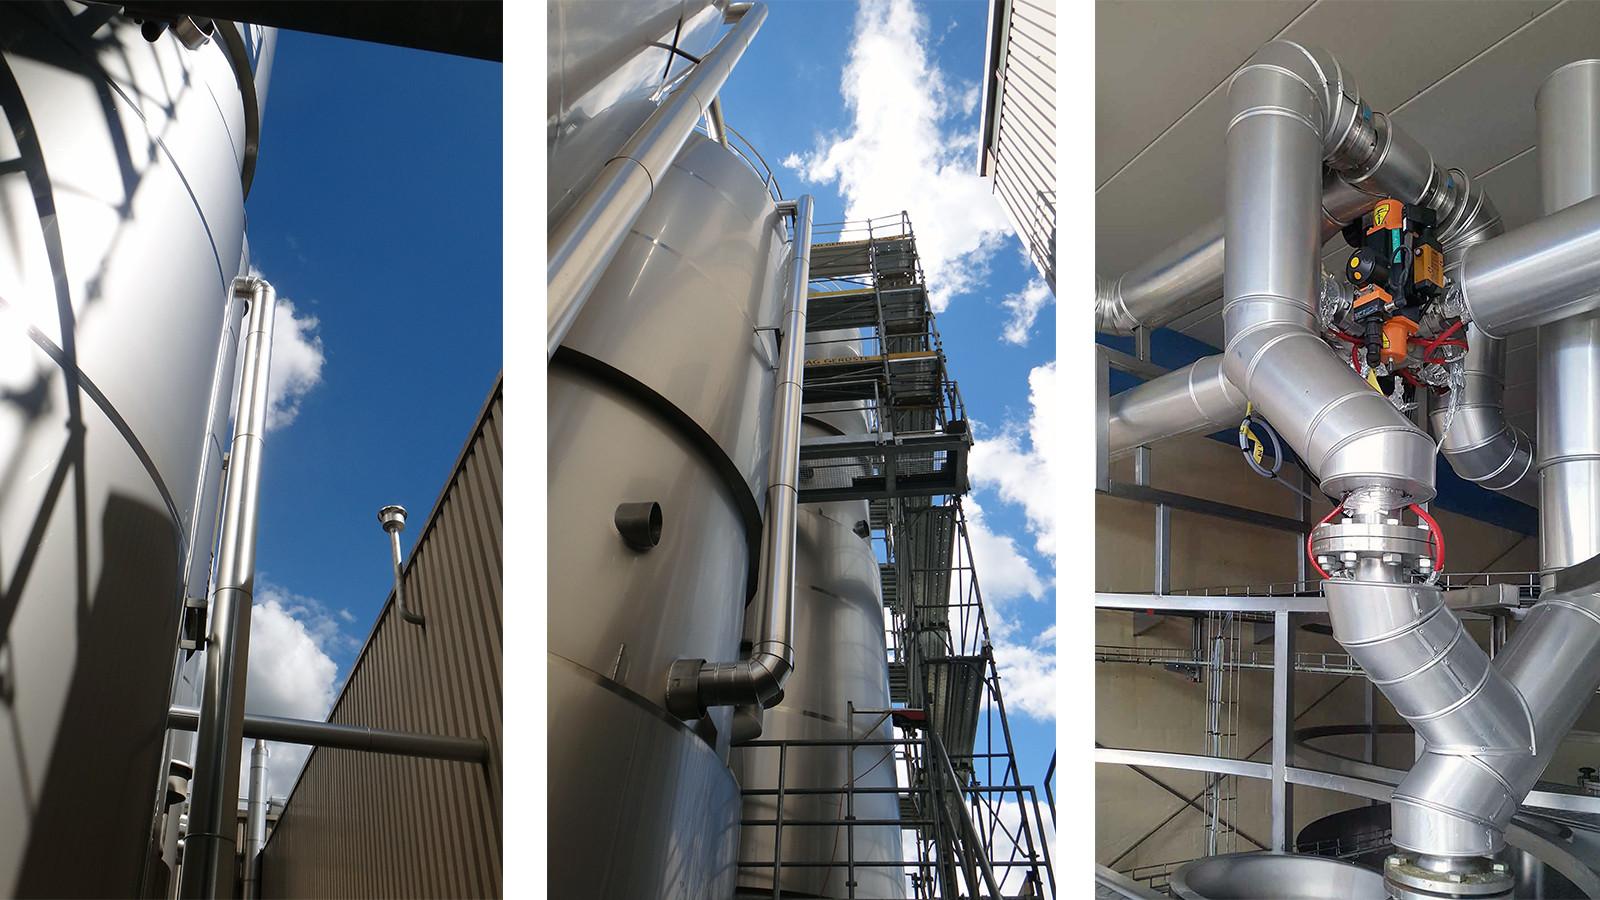 Tank- und Fernwärme-Heizungs und Produkteleitungen (3 km lang) sowie rechts eine wärmegedämmte Tankbefüllungsanlage gegen Eindickung des Öls